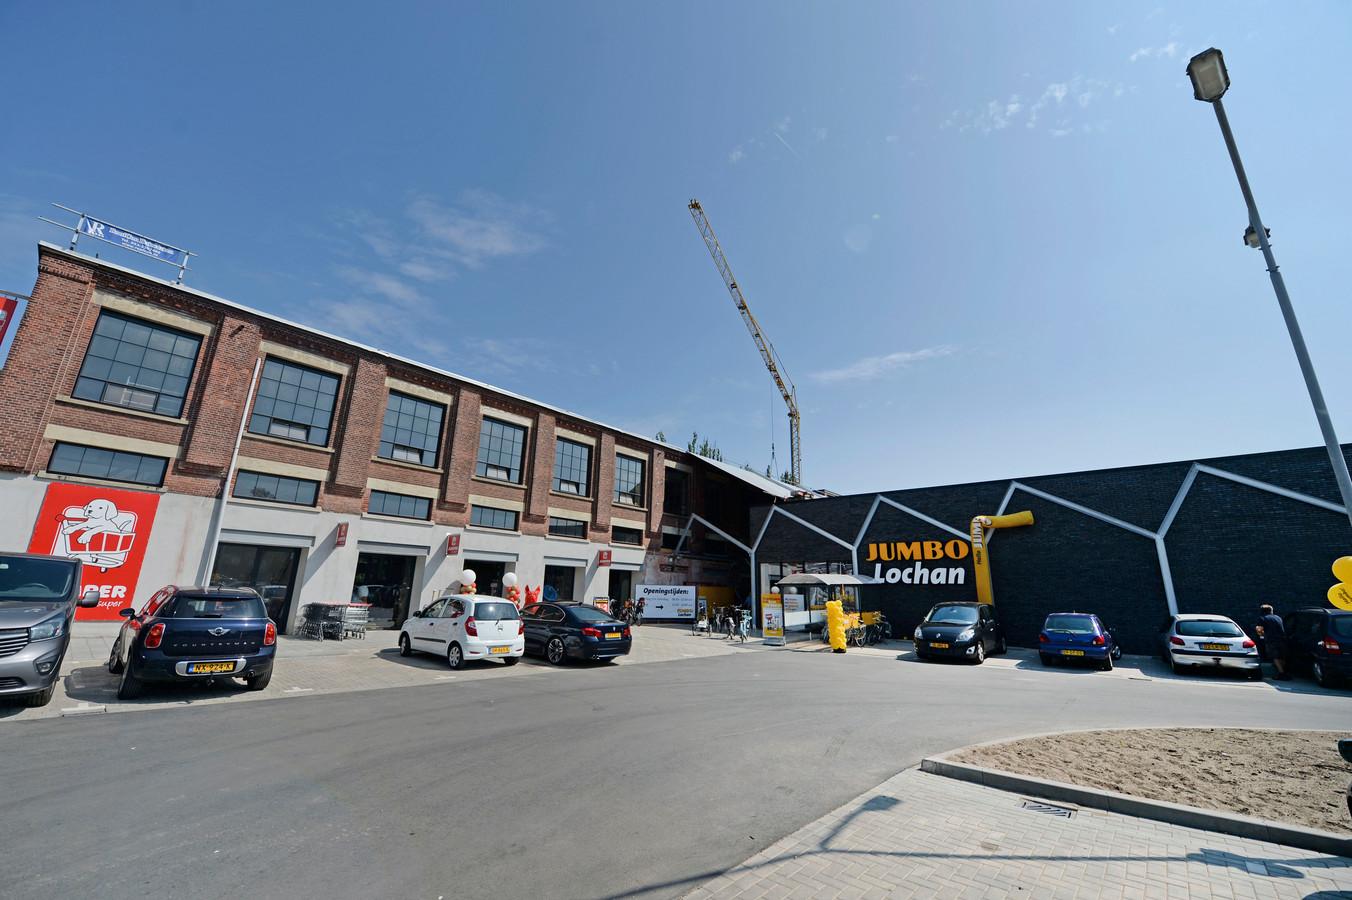 Verpauperde winkelcentrum De Bothoven heeft facelift gekregen. Na vertrek van Emte is nieuwe Jumbo nu geopend. Supermarkt heeft stijlvol, modern uiterlijk gekregen. Ook omgeving en parkeerplaats zijn aangepakt.